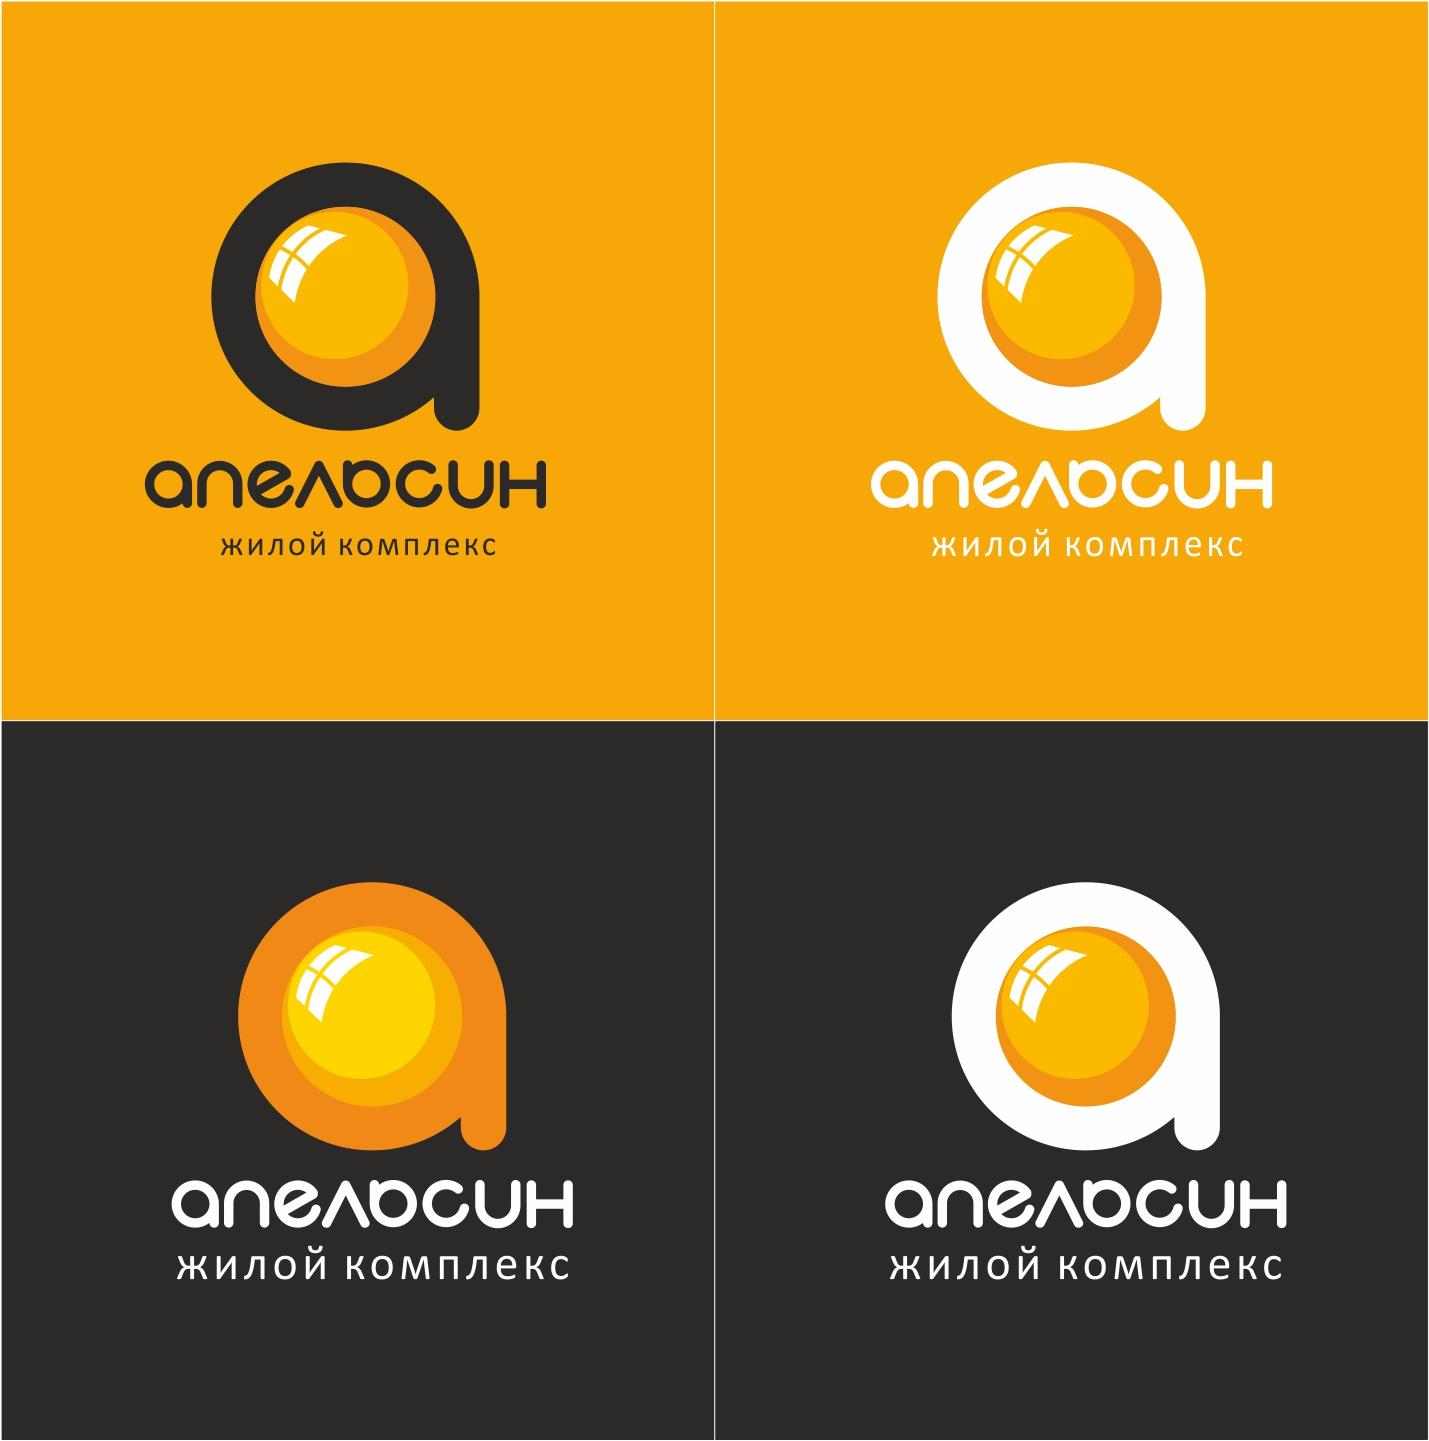 Логотип и фирменный стиль фото f_3185a719b18f0408.jpg